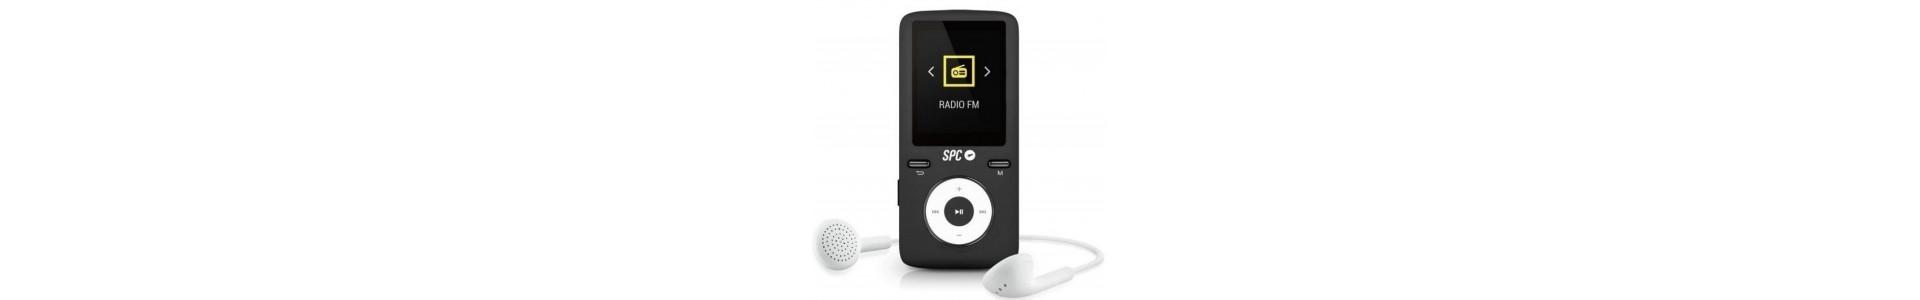 MP3 MP4 iPod